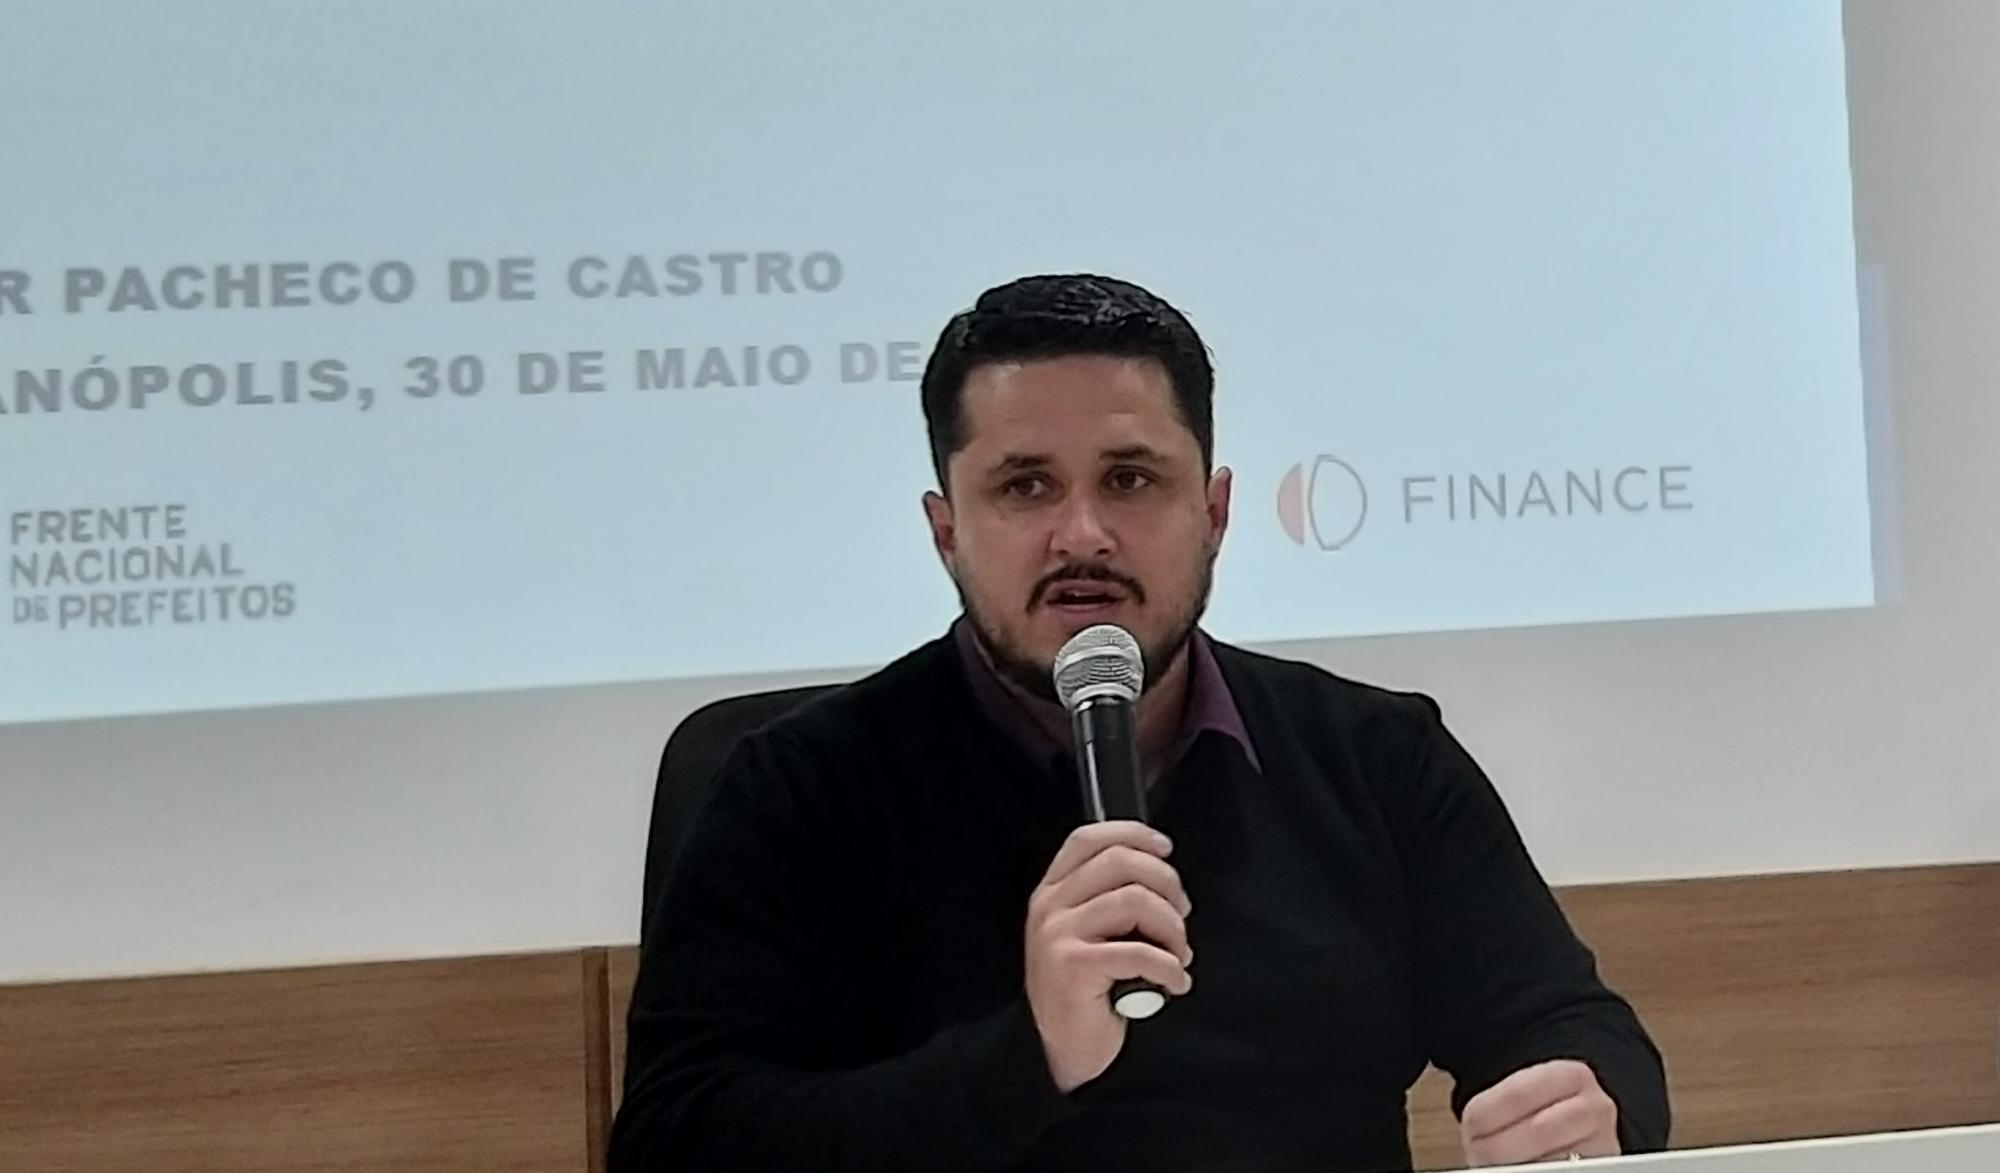 FECAM inicia encontros regionais sobre nova proposta de Reforma Tributária